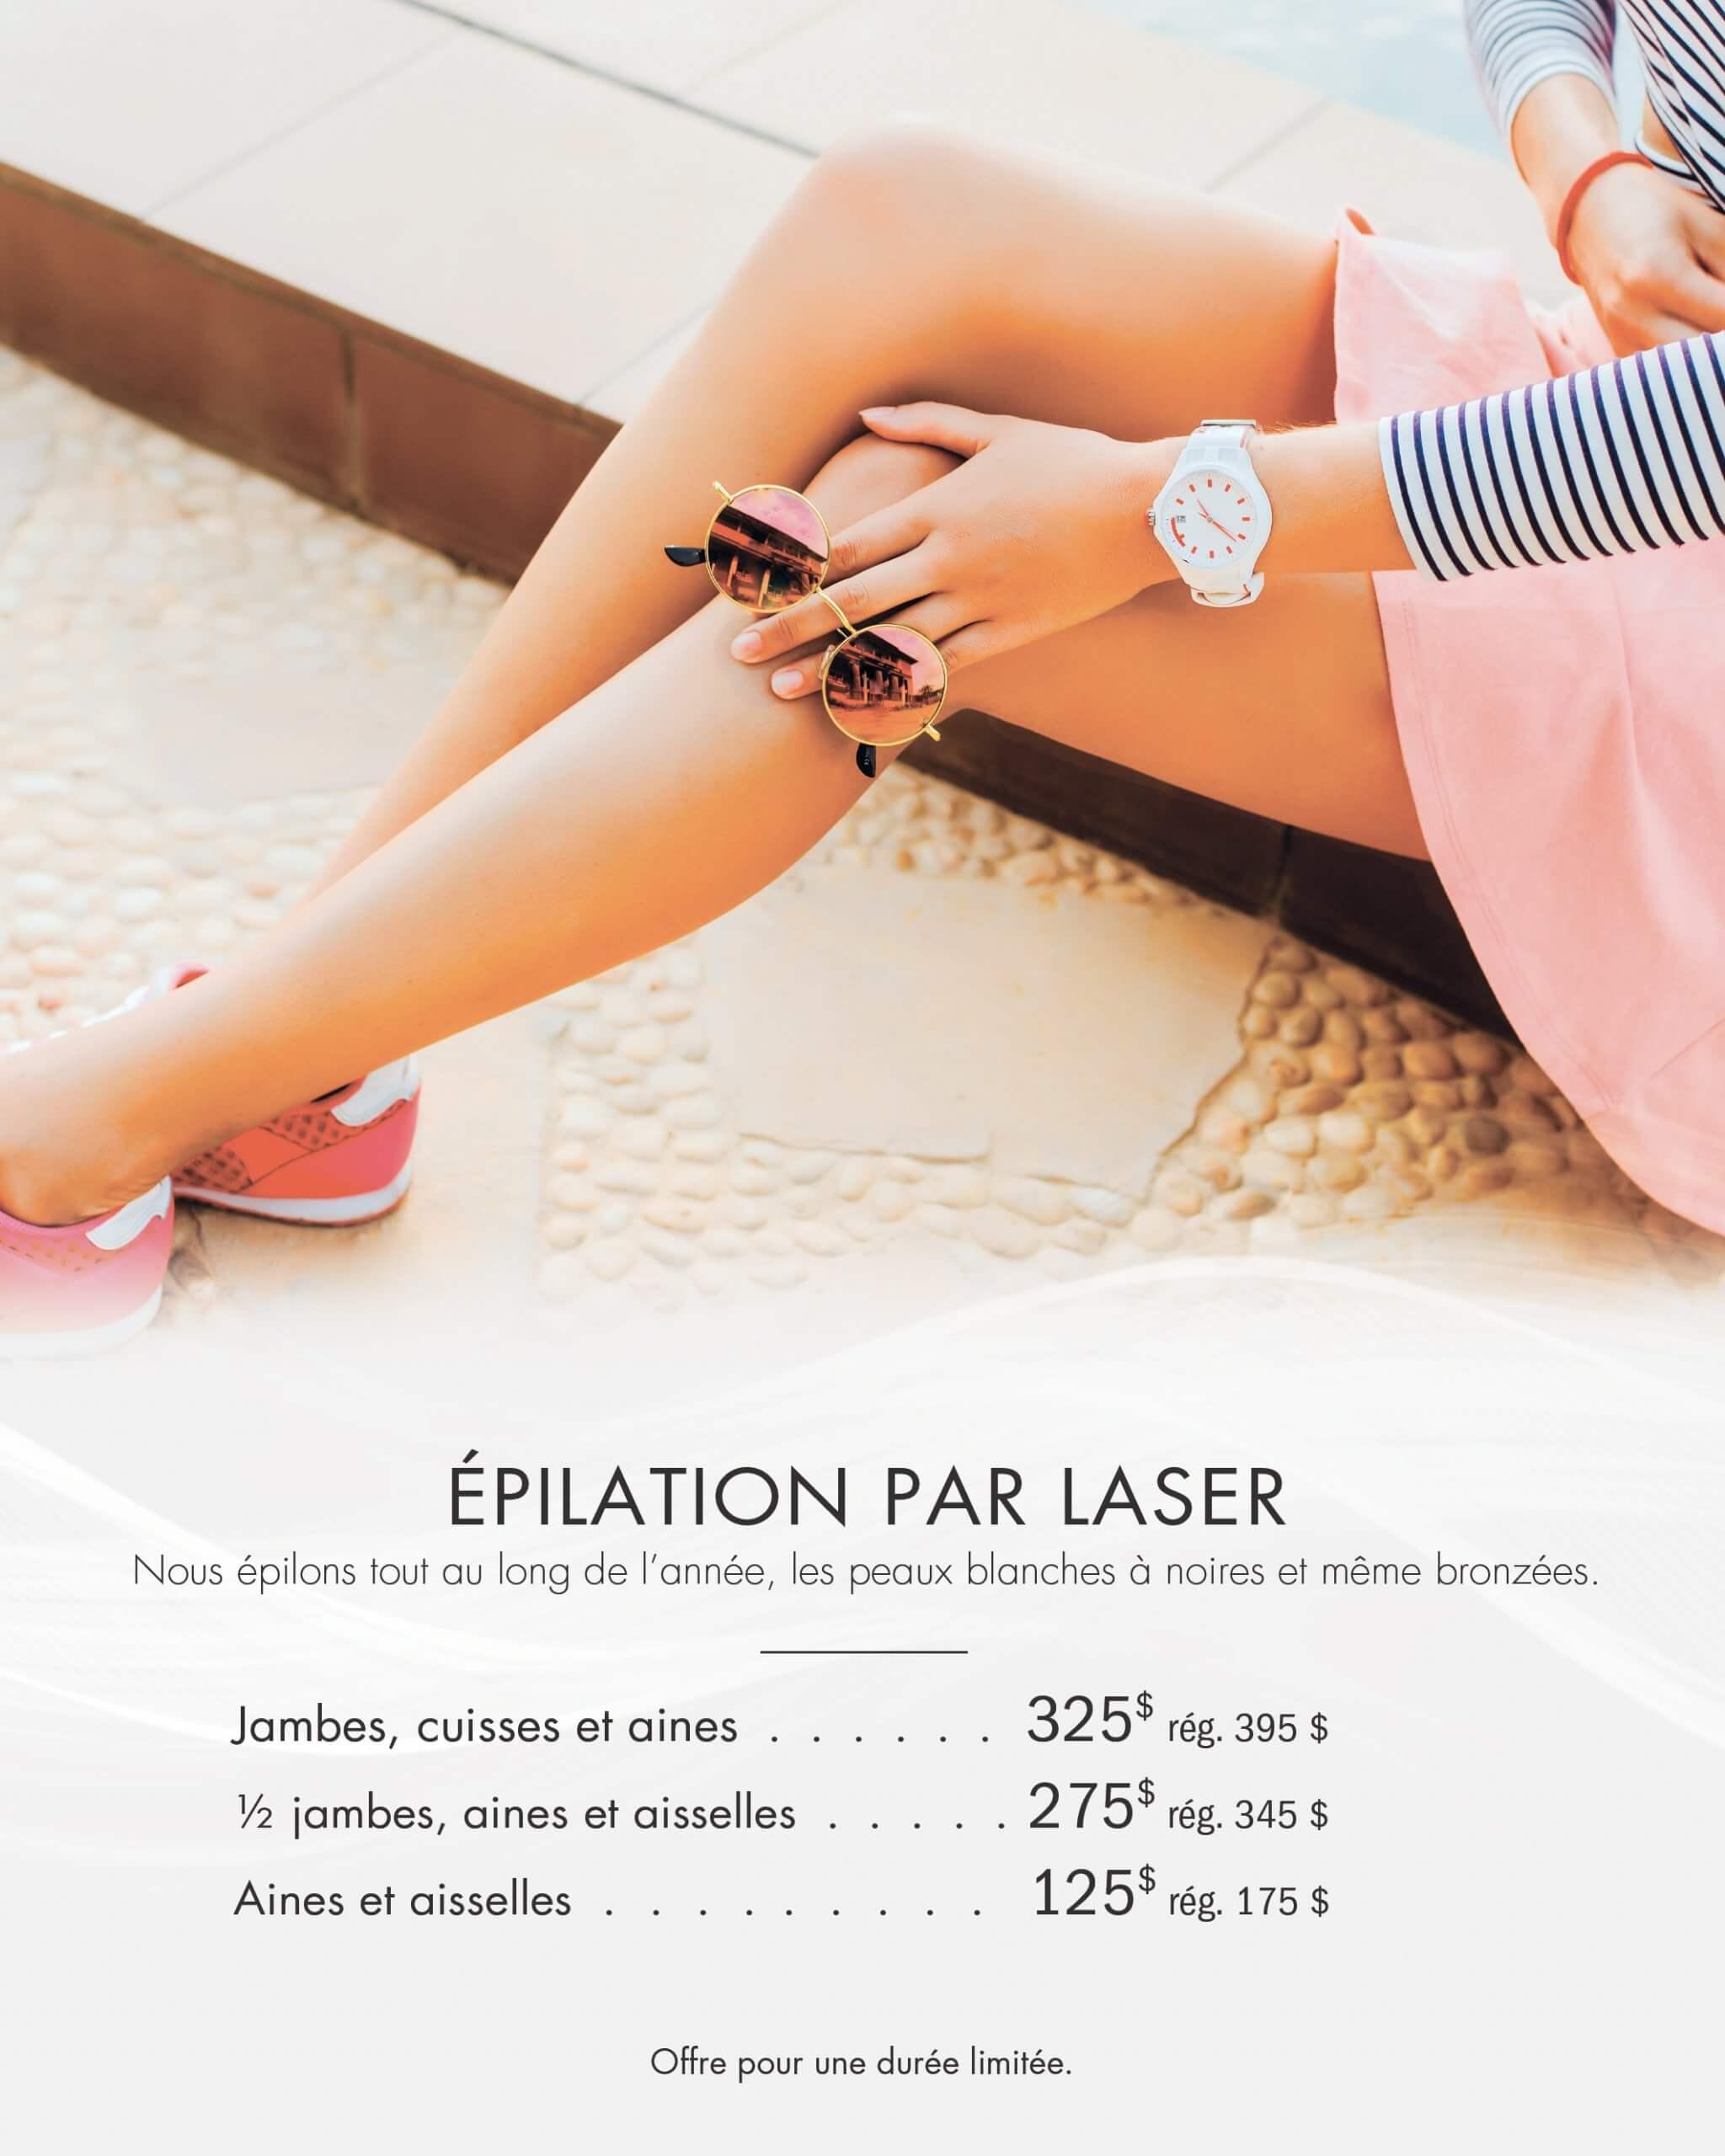 Promotion épilation laser | esthéticienne Longueuil